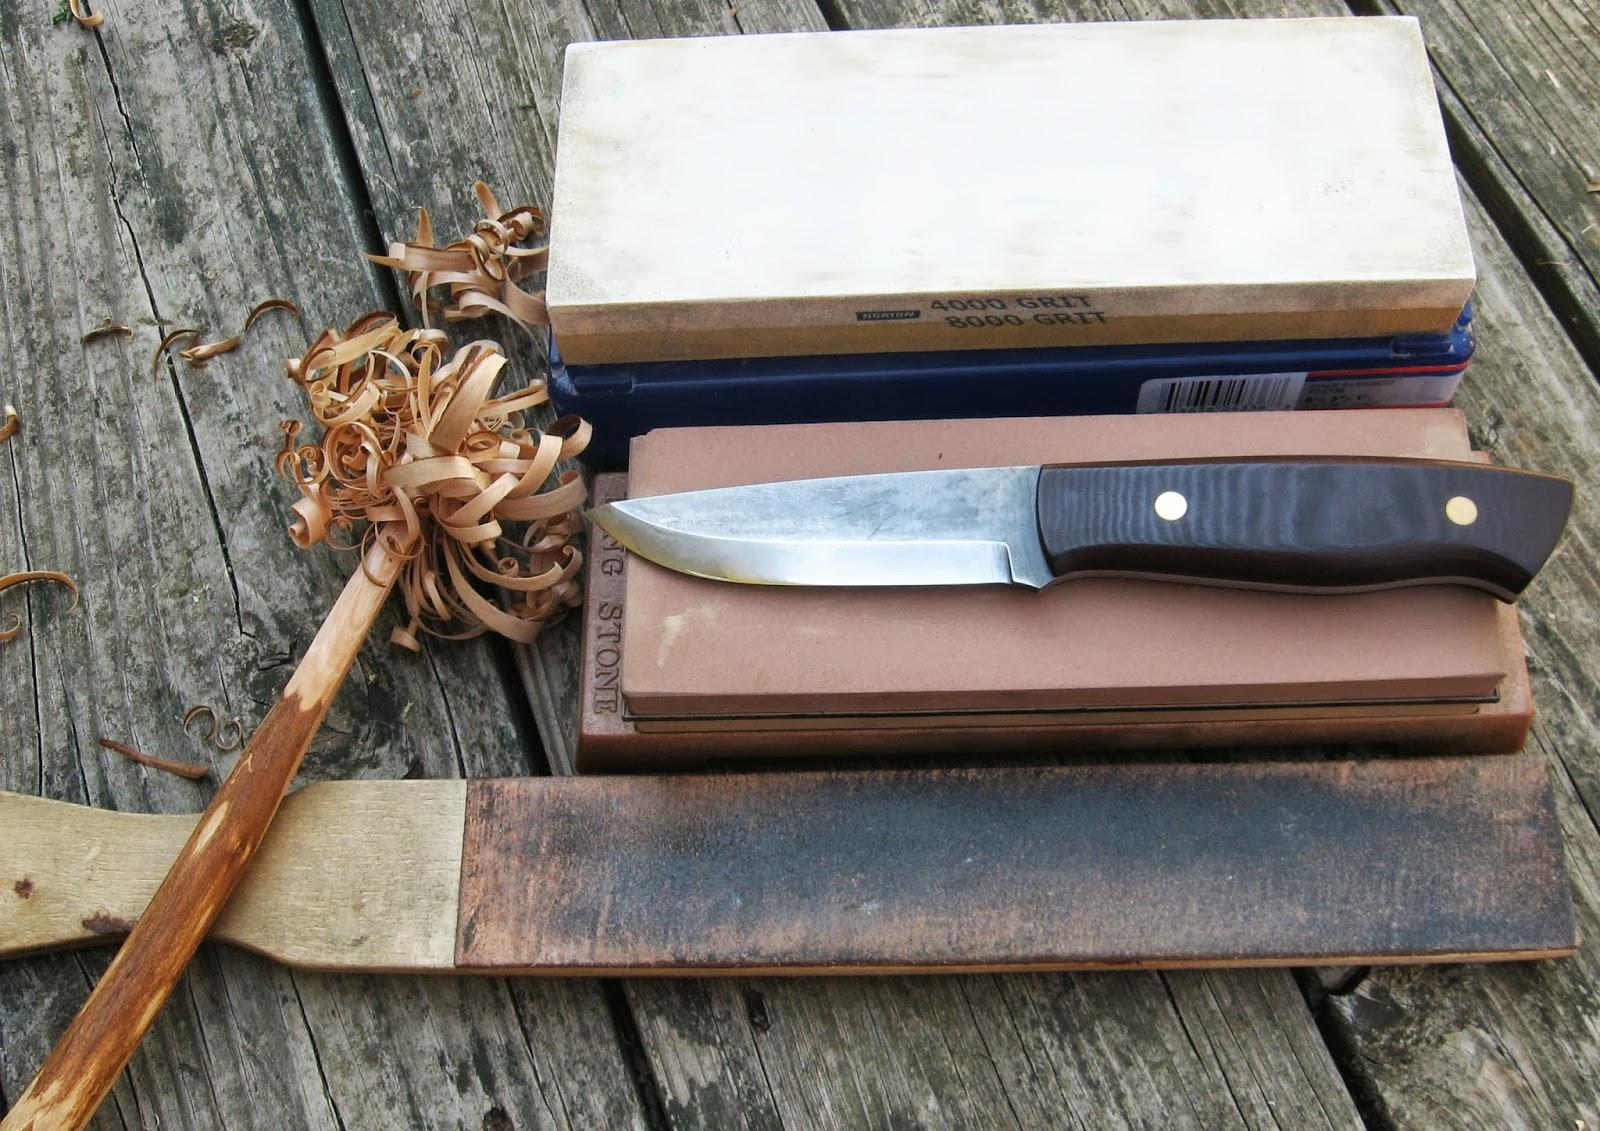 Blueridge Survival Bushcraft Survival Knife Sharpening System